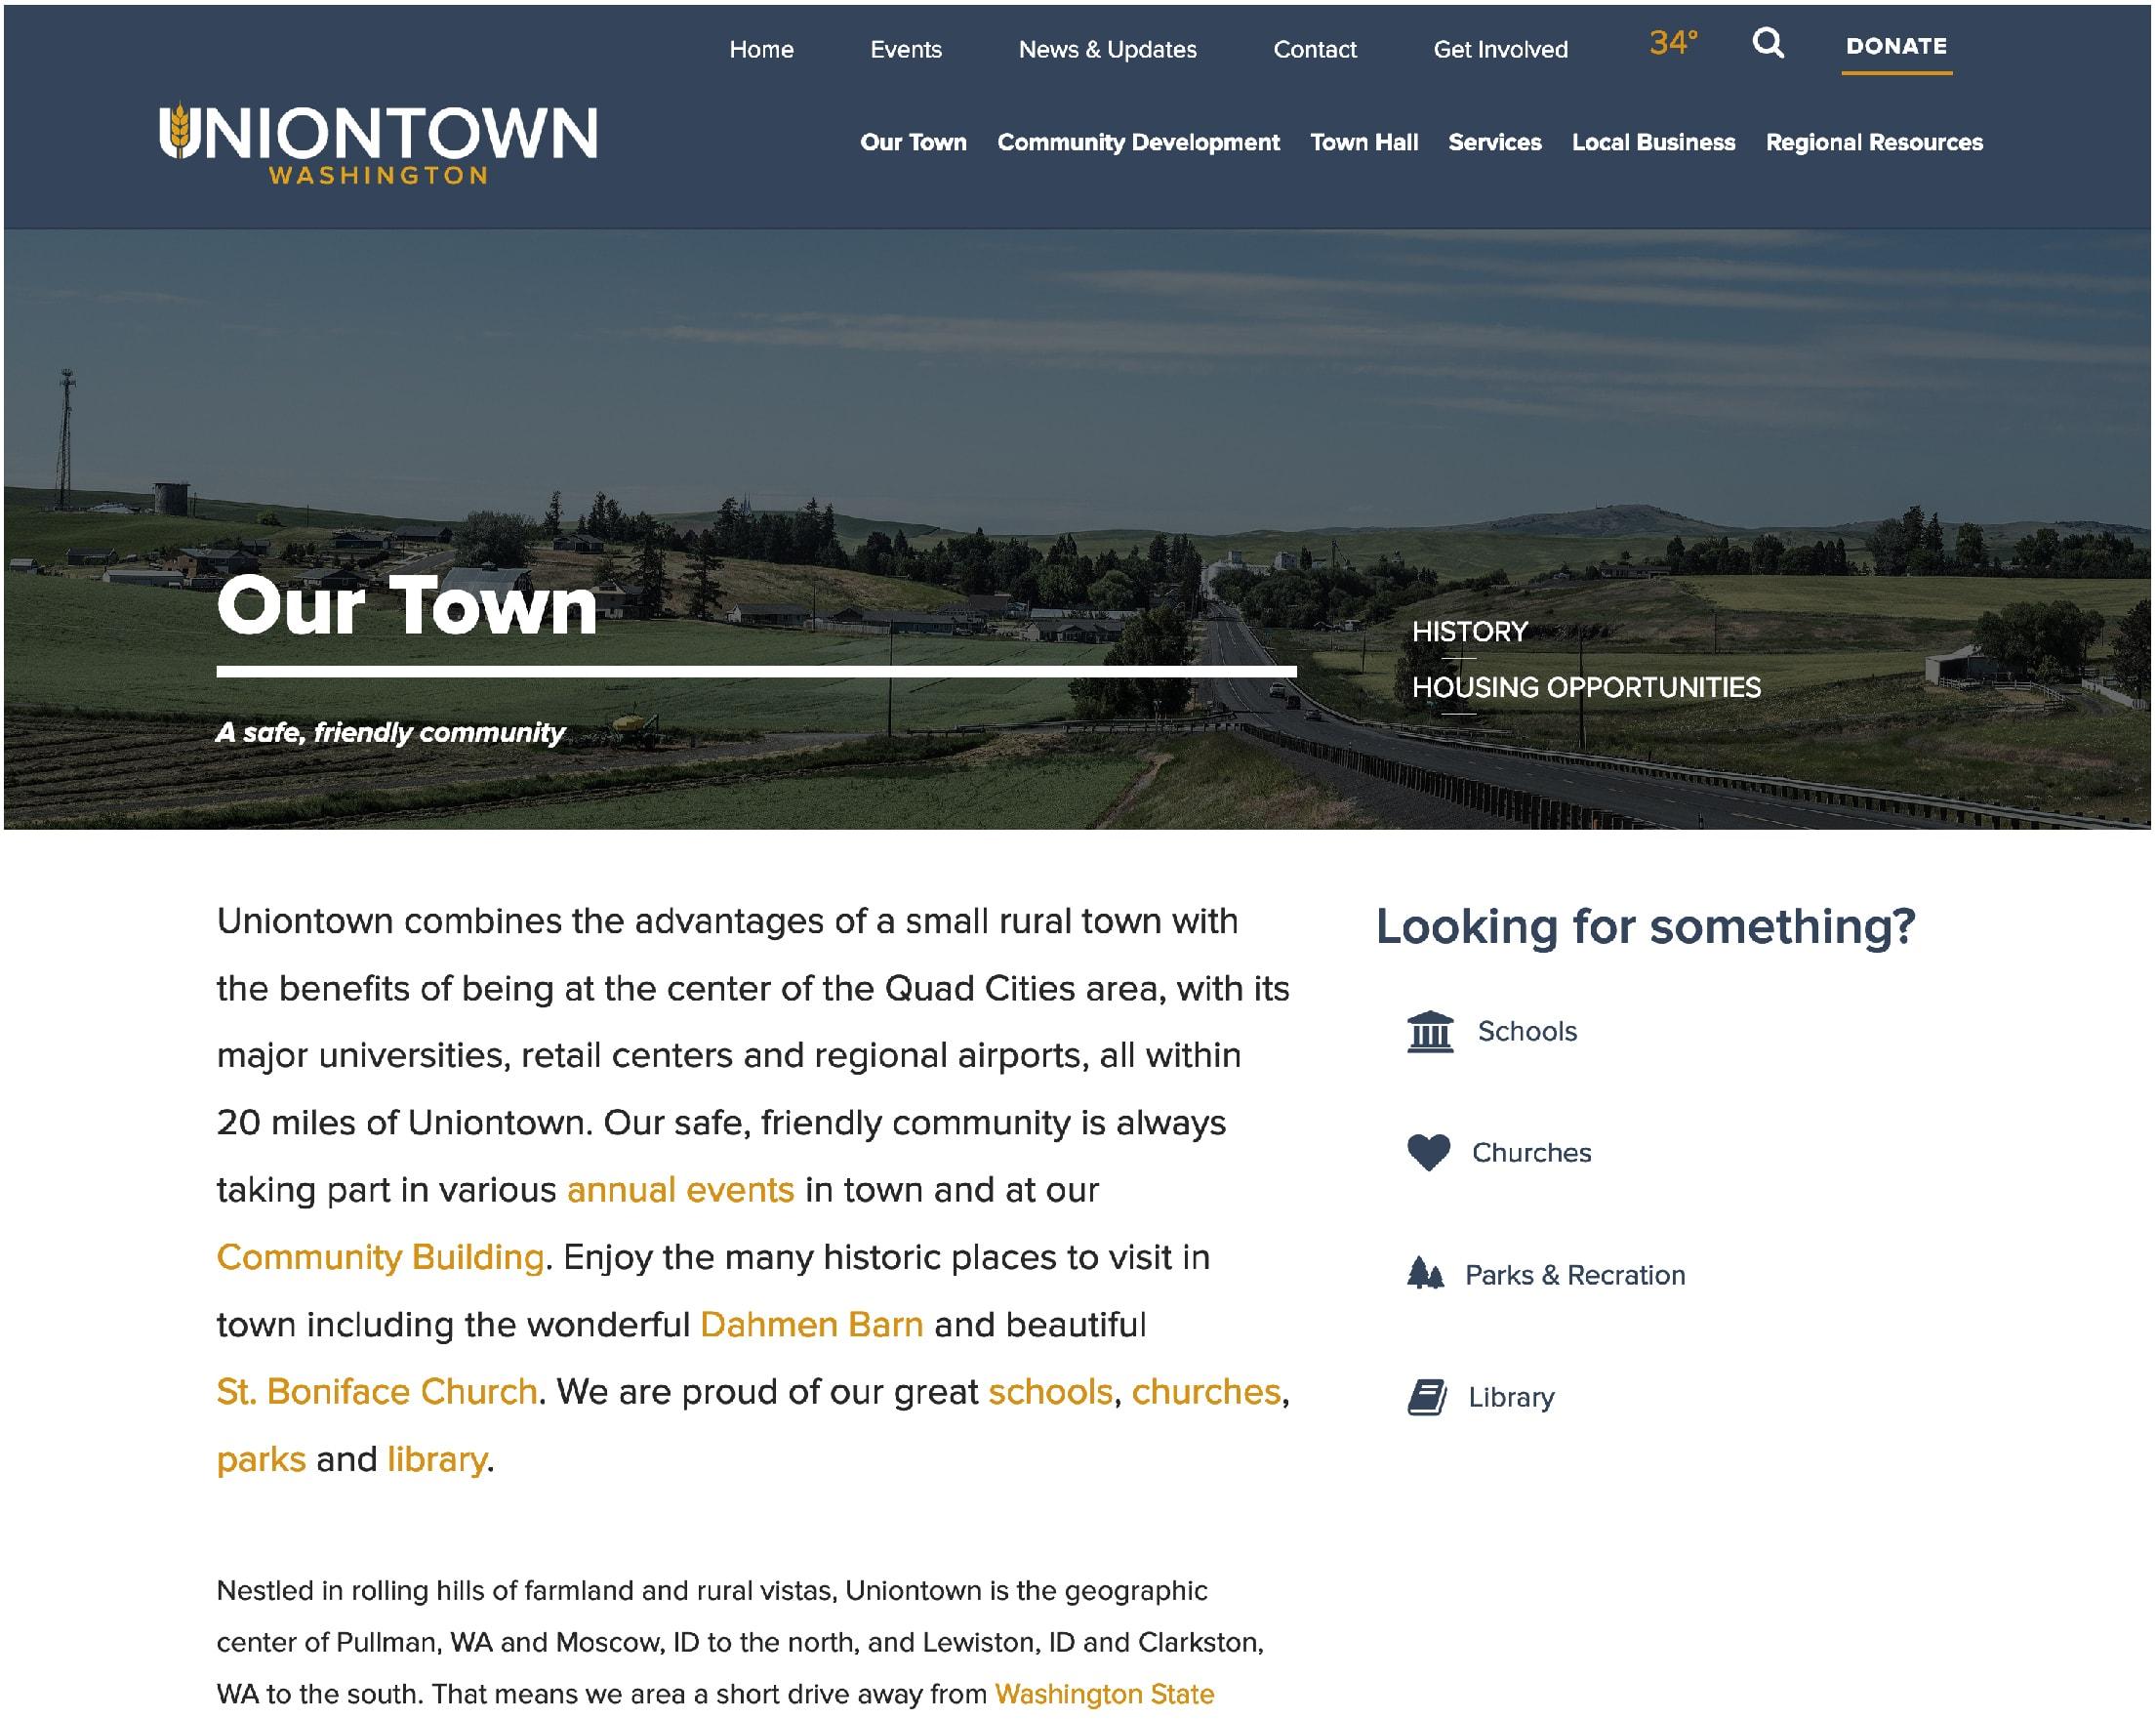 northwest-media-advertising-lewiston-idaho-washington-uniontown-washington-06